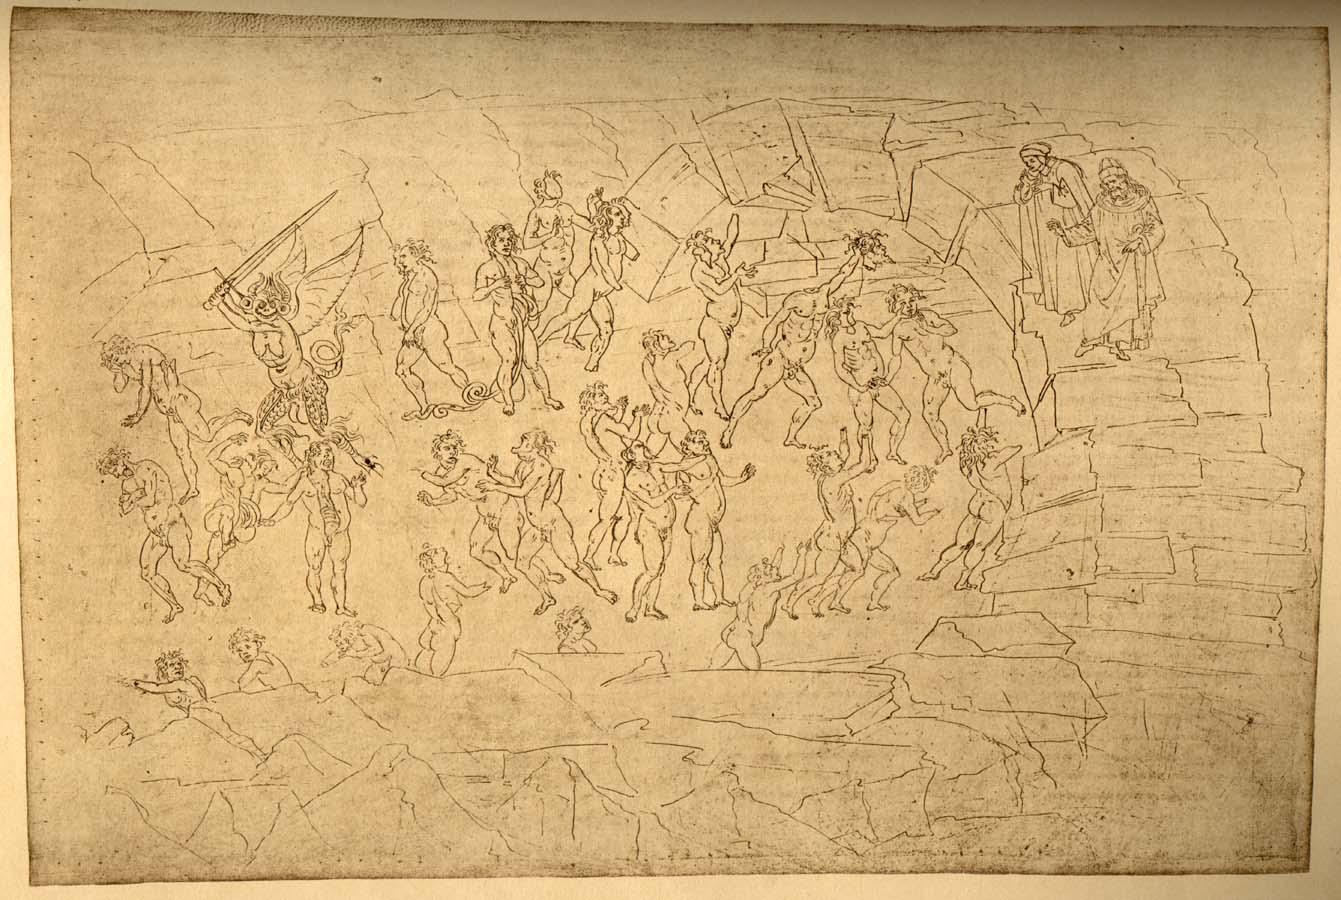 Dante's Inferno - Circle 8, subcircles 7-10 - Gallery Sandro Botticelli Dante Inferno